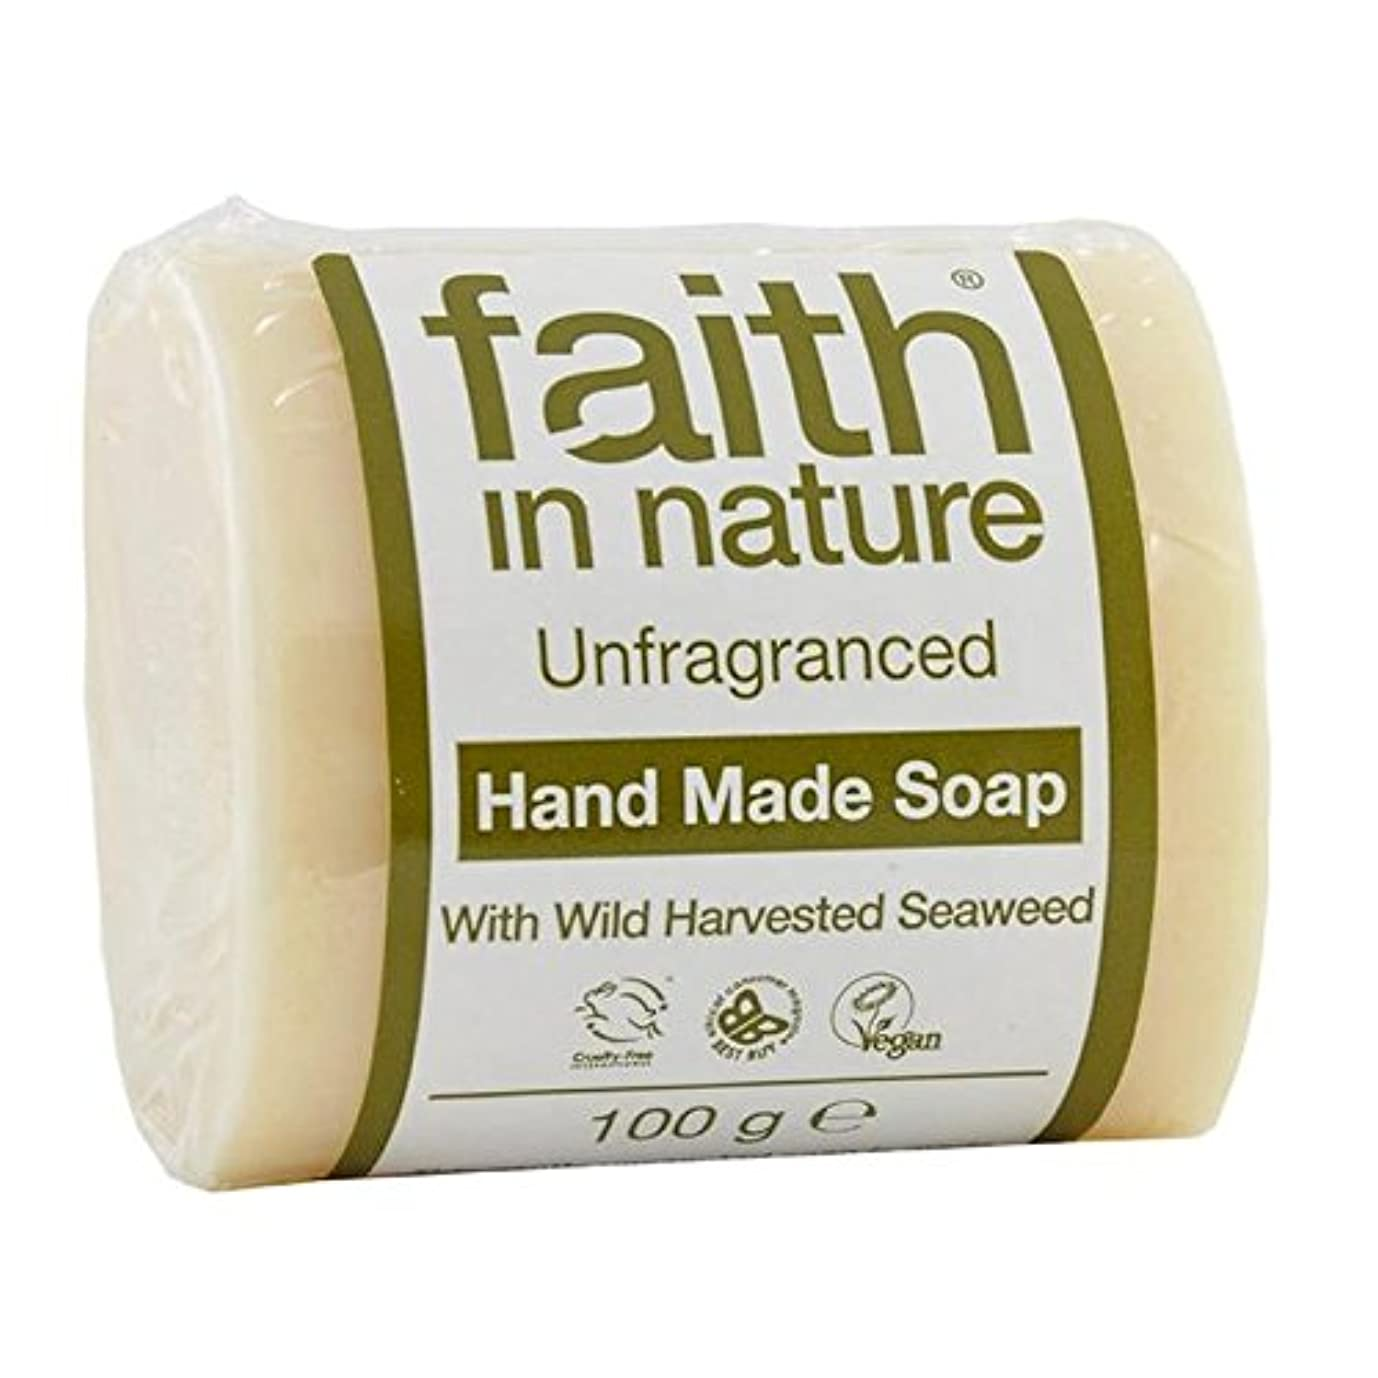 想像する腐食する患者Faith in Nature Unfragranced Pure Hand Made Soap 100g (Pack of 2) - (Faith In Nature) 自然の中で信仰は純粋な手作り石鹸100グラムを無香料 (x2) [並行輸入品]